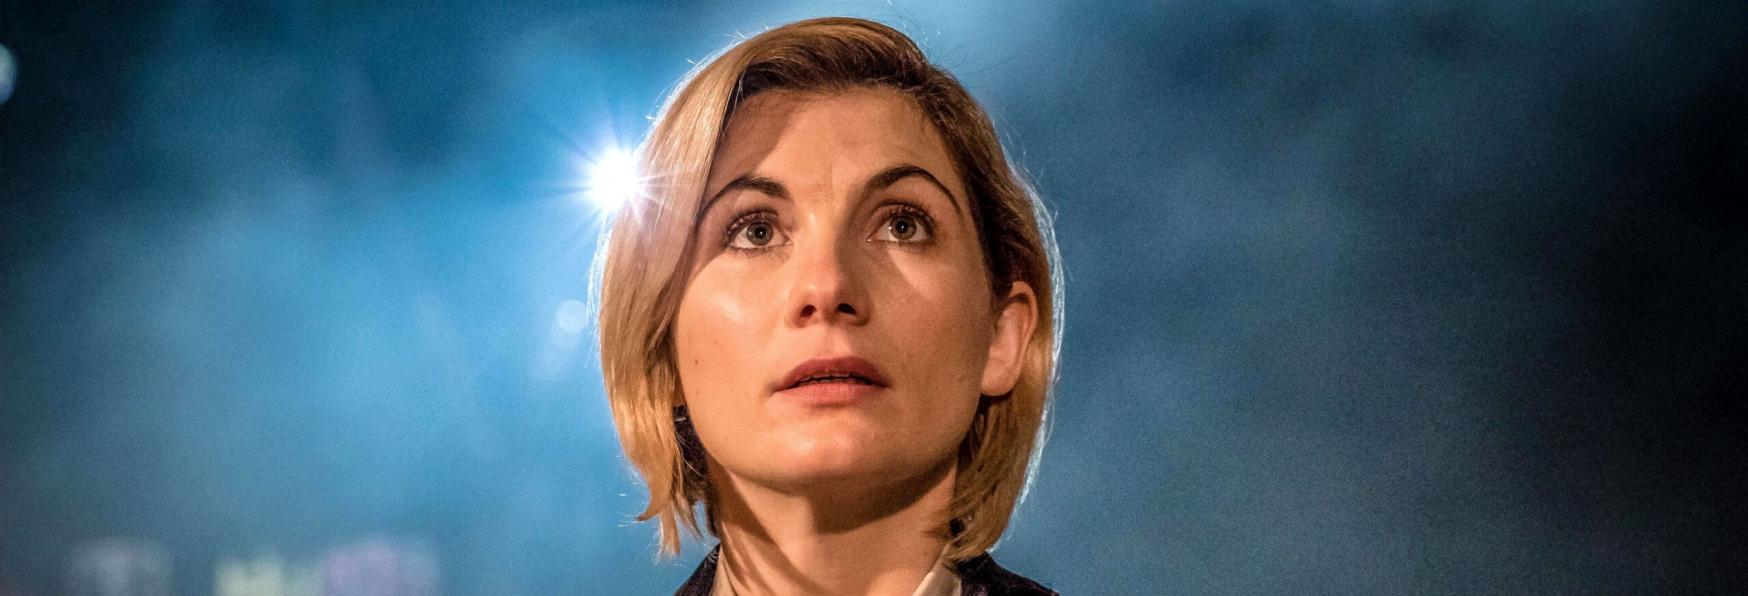 Doctor Who: il Panel al Comic-Con vedremo un Ospite a Sorpresa veramente Speciale